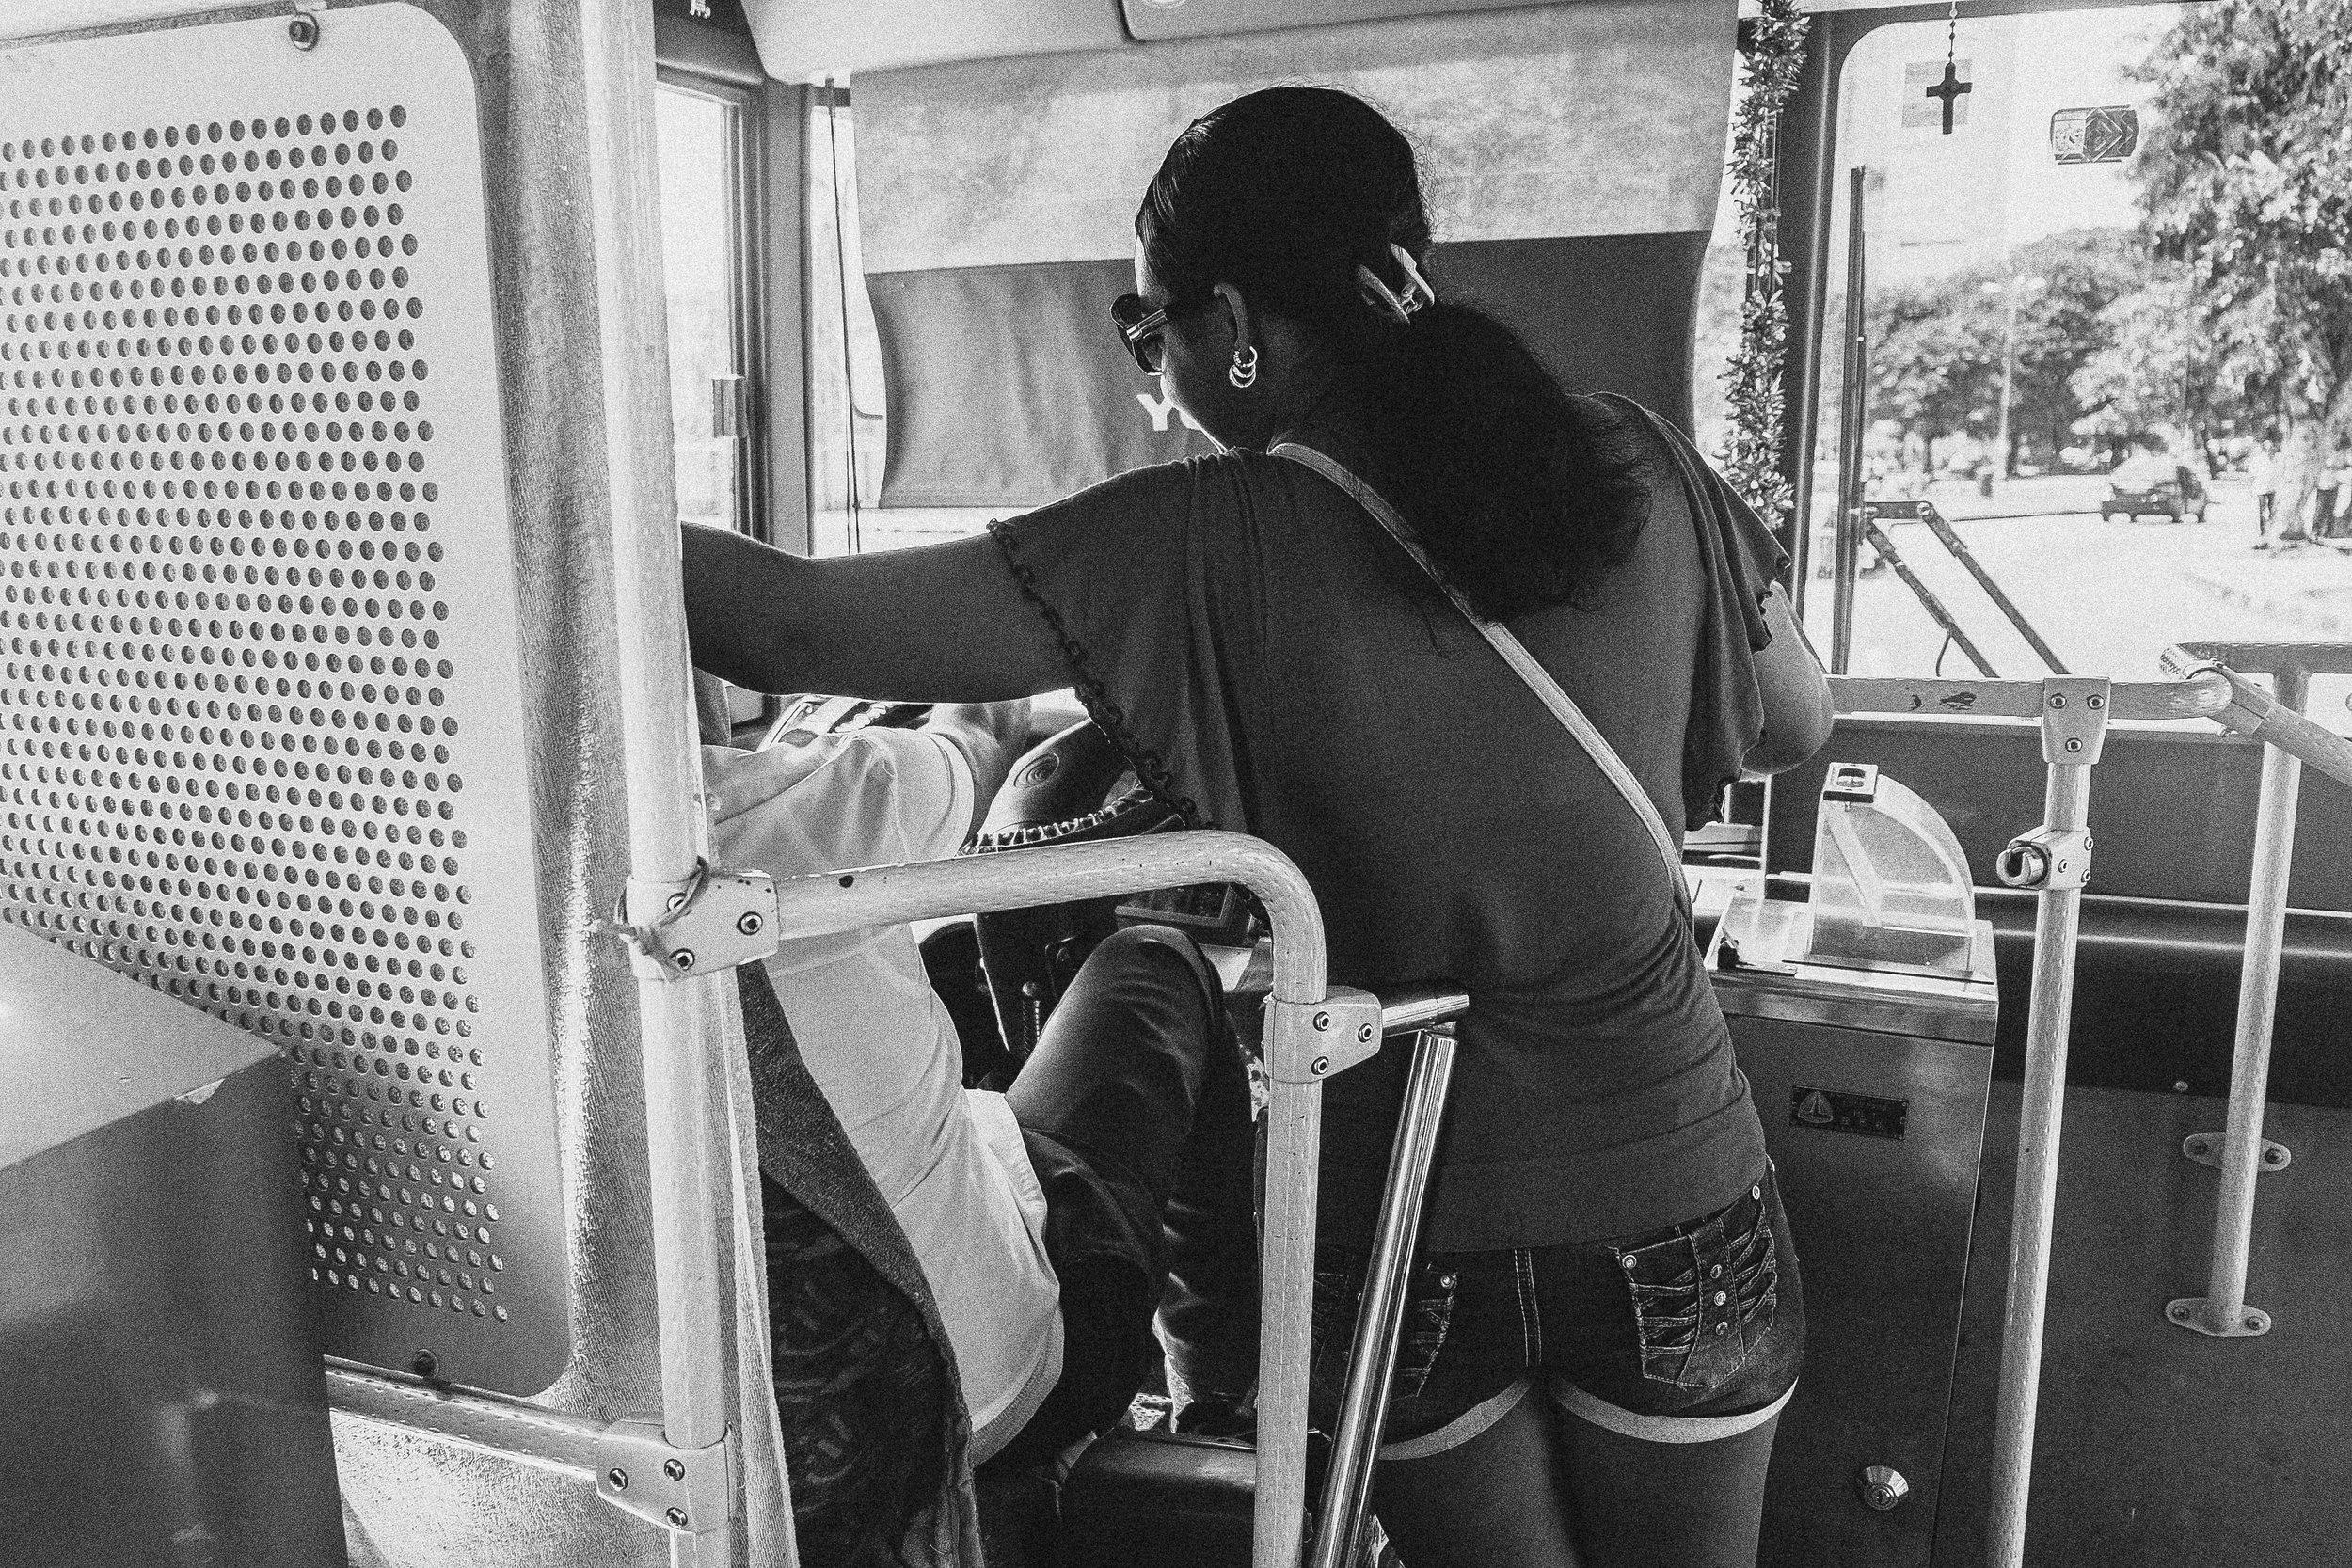 P-Bus de Cuba by Jorge Güiro 52.jpg